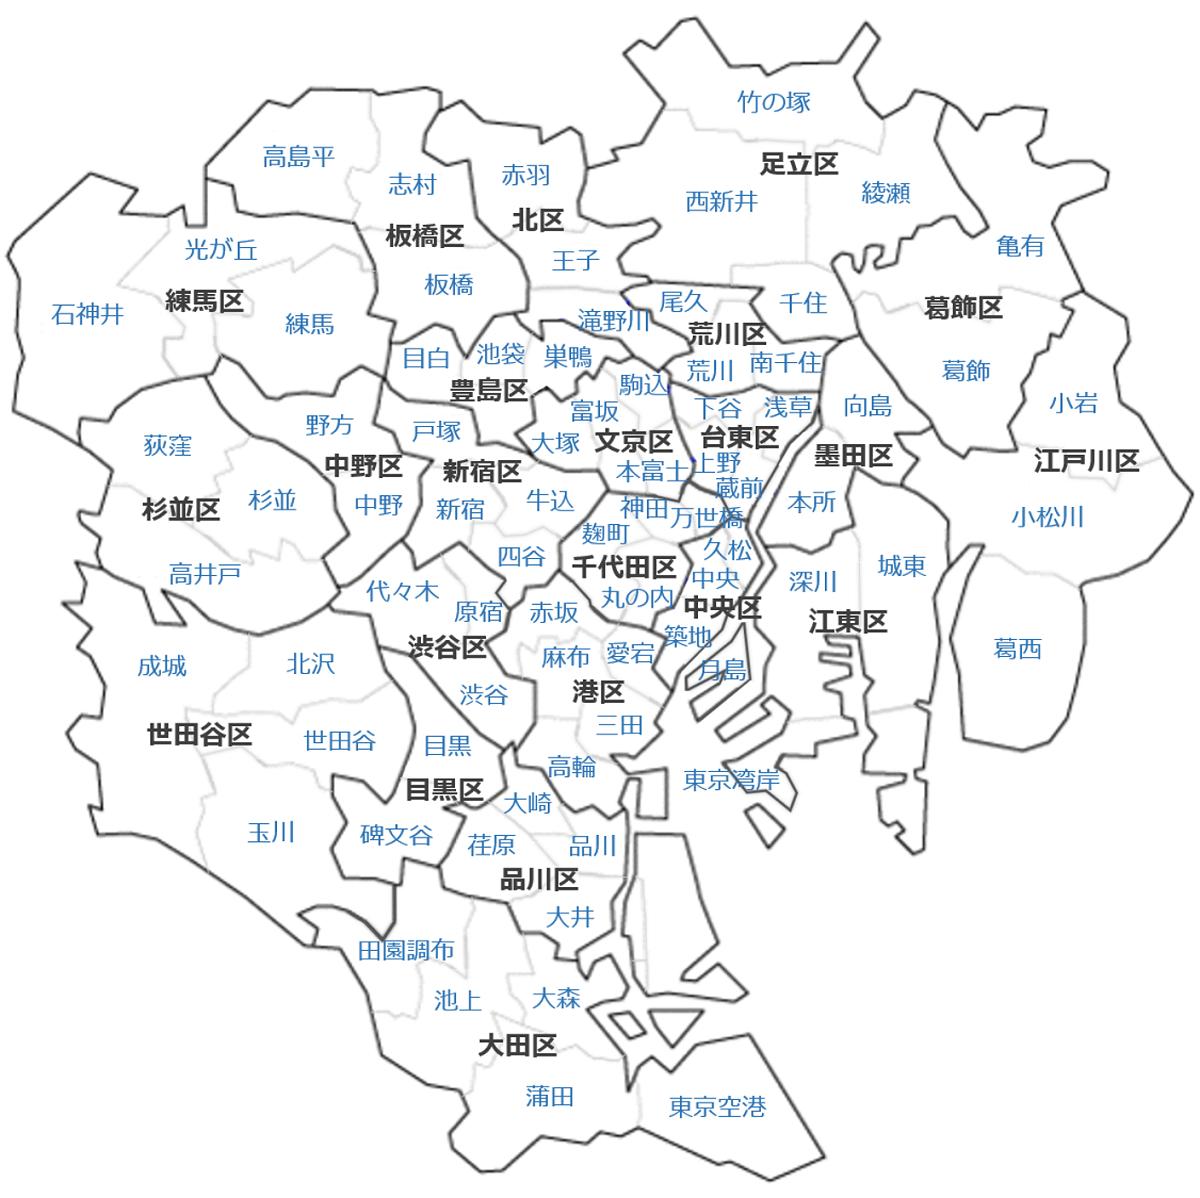 東京23区_77地域分け